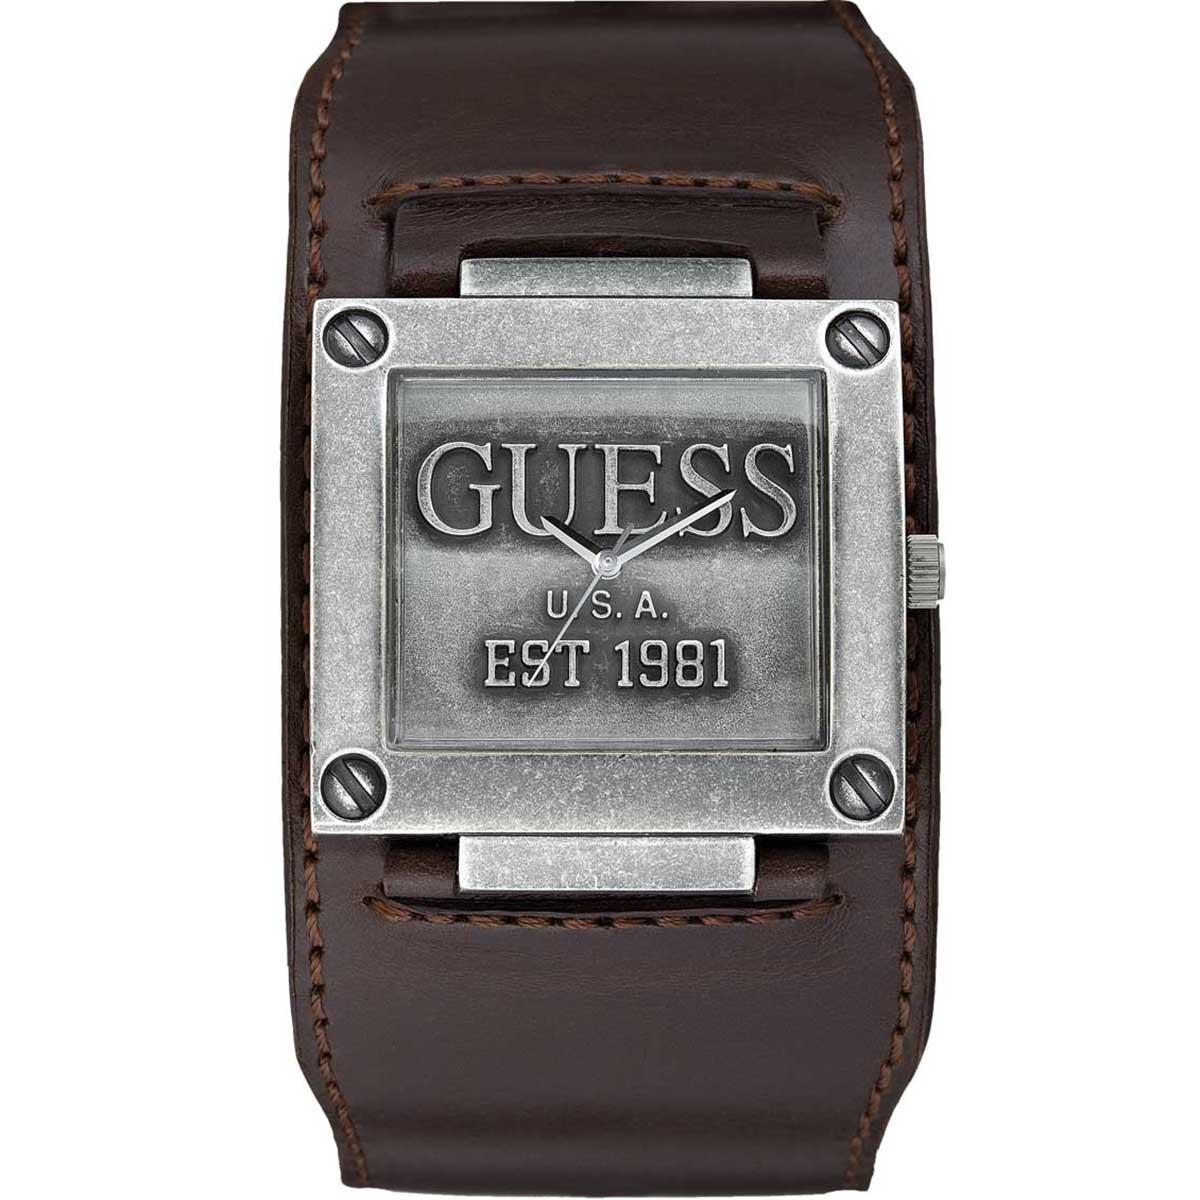 029621100a4e5 Réduction authentique bracelet montre guess pas cher Baskets ...